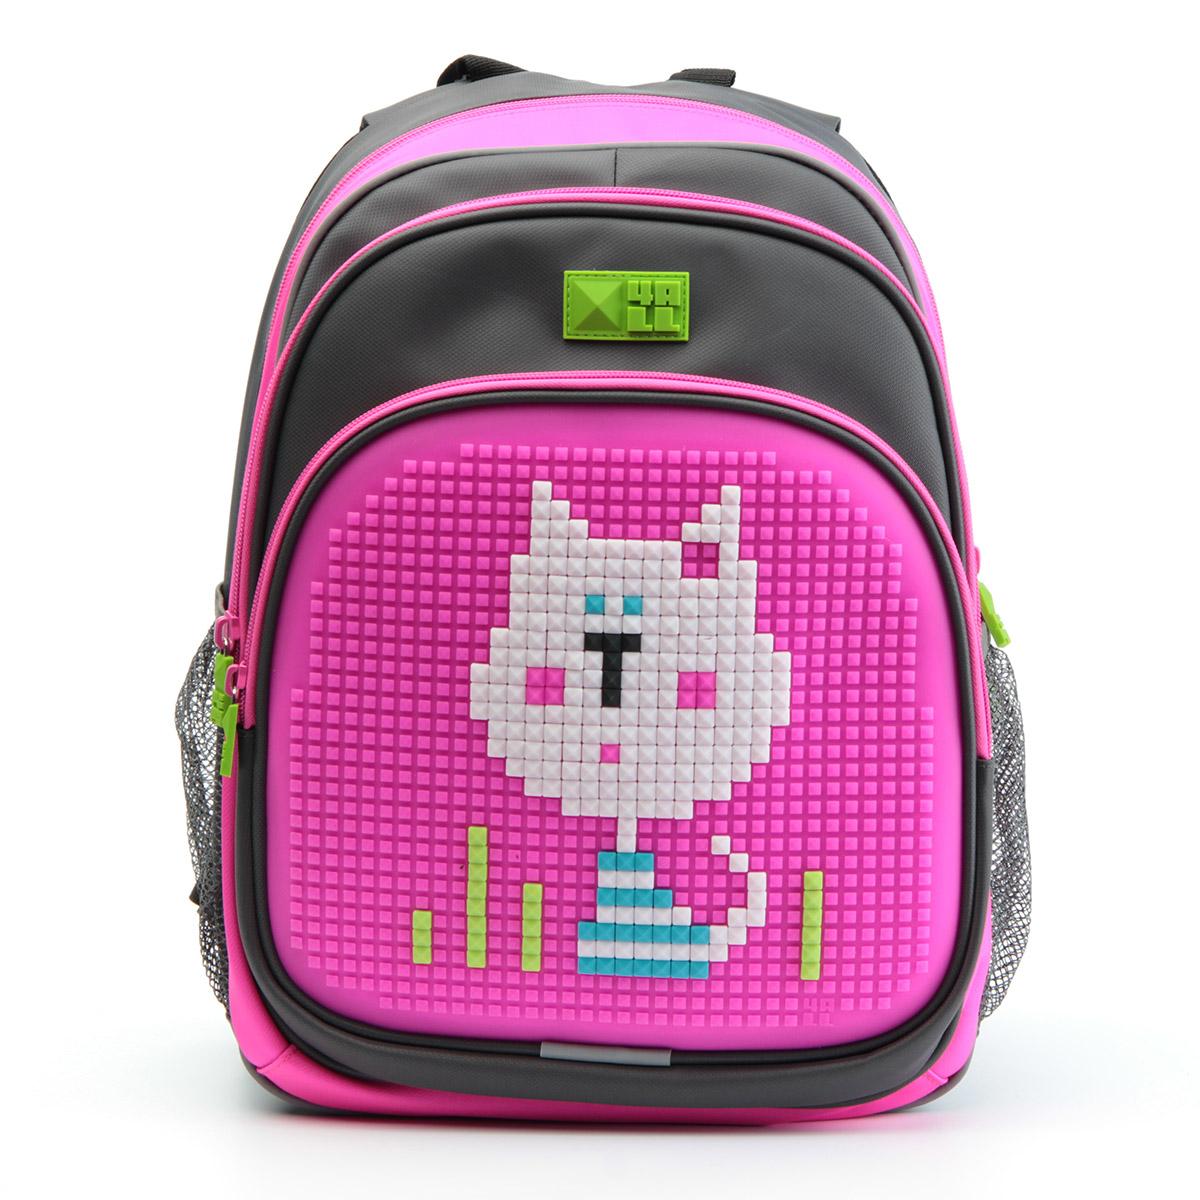 4ALL Рюкзак Kids цвет серый розовыйRK61-05NРюкзак 4ALL - это одновременно яркий, функциональный школьный аксессуар и площадка для самовыражения. Уникальные рюкзаки Kids имеют гипоаллергенную силиконовую панель и разноцветные мозаичные биты, с помощью которых на рюкзаке можно создавать графические шедевры хоть каждый день! Модель выполнена из полиэстера с водоотталкивающей пропиткой. Рюкзак имеет 2 отделения, снаружи расположены 3 кармана (передний - на молнии, боковые - сетчатые). Система Air Comfort System обеспечивает свободную циркуляцию воздуха между задней стенкой рюкзака и спиной ребенка. Система Ergo System служит равномерному распределению нагрузки на спину ребенка, сохранению правильной осанки. Она способна сделать рюкзак, наполненный учебниками, легким. Ортопедическая спинка как корсет поддерживает позвоночник, правильно распределяя нагрузку. Простая и удобная конструкция спины и лямок позволяет использовать рюкзак даже деткам от 3-х лет. Светоотражающие вставки отвечают за безопасность...